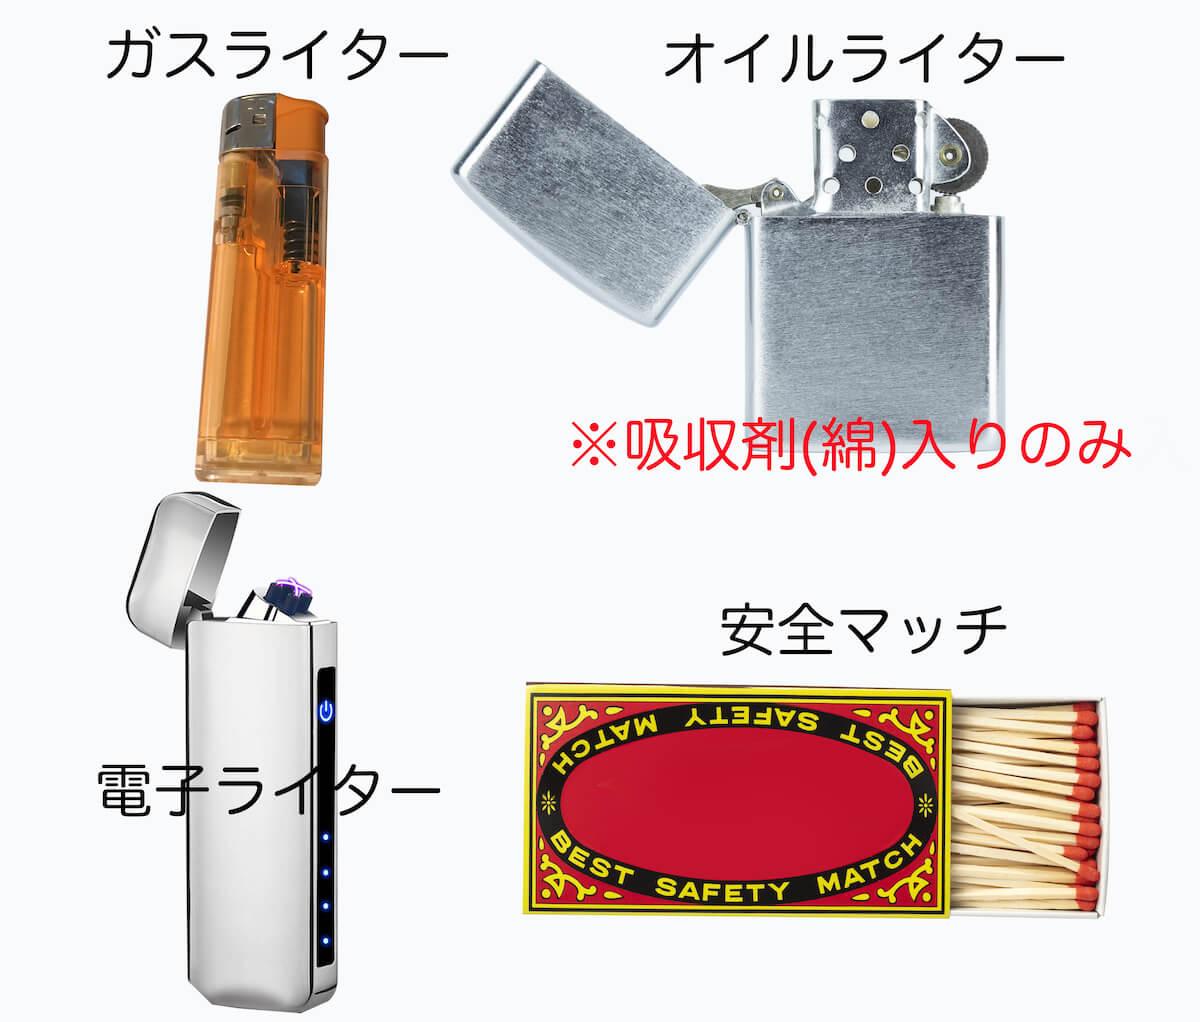 機内持ち込みできるライターの例